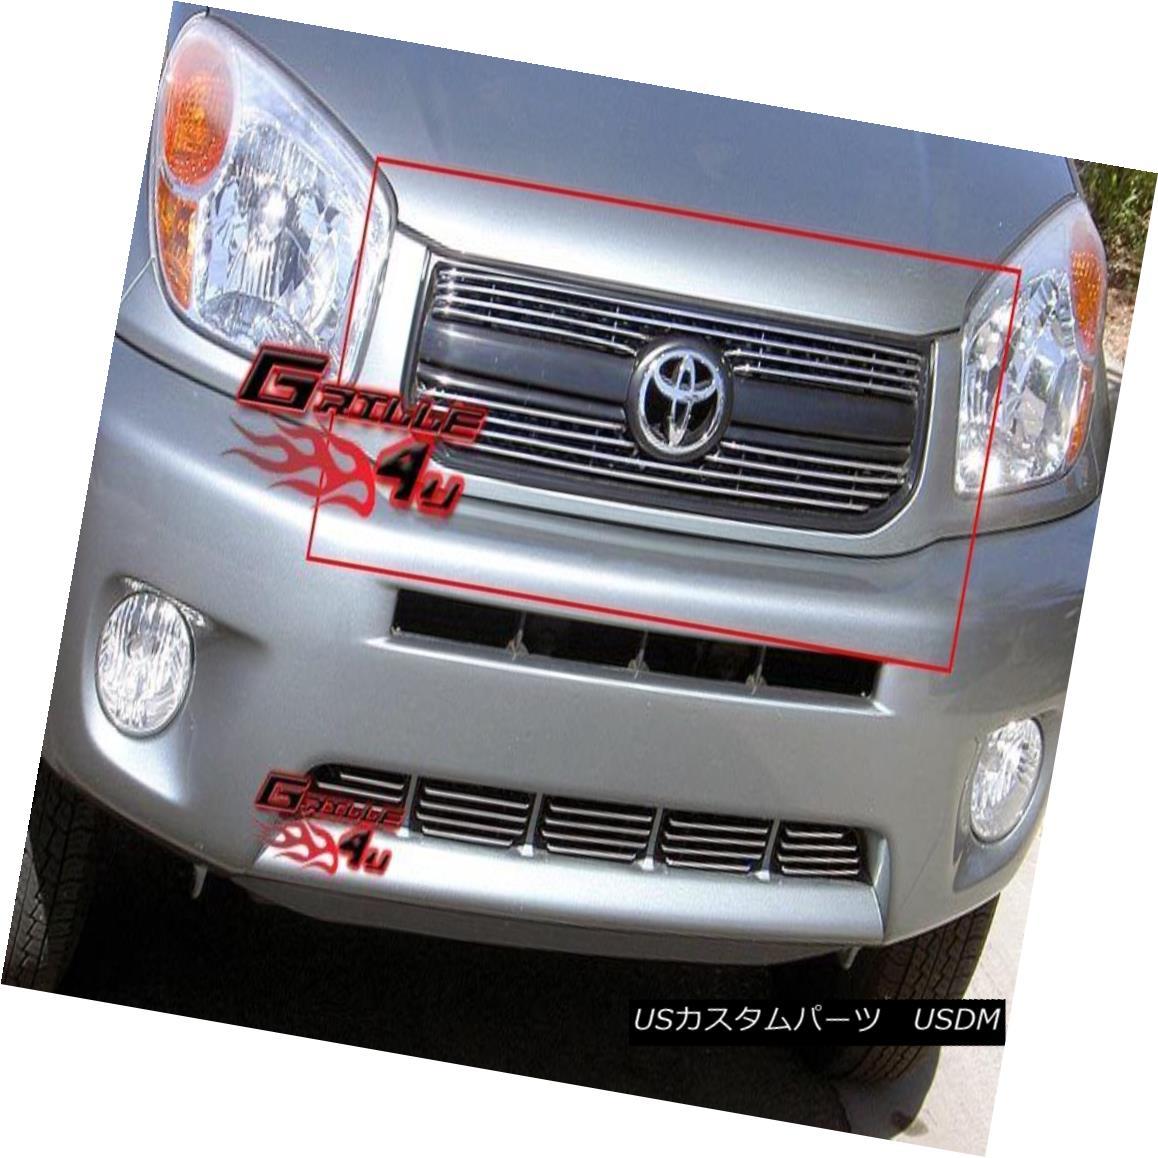 グリル Fits 2004-2005 Toyota RAV4 Main Upper Billet Grille Insert フィッティング2004-2005トヨタRAV4メインアッパービレットグリルインサート